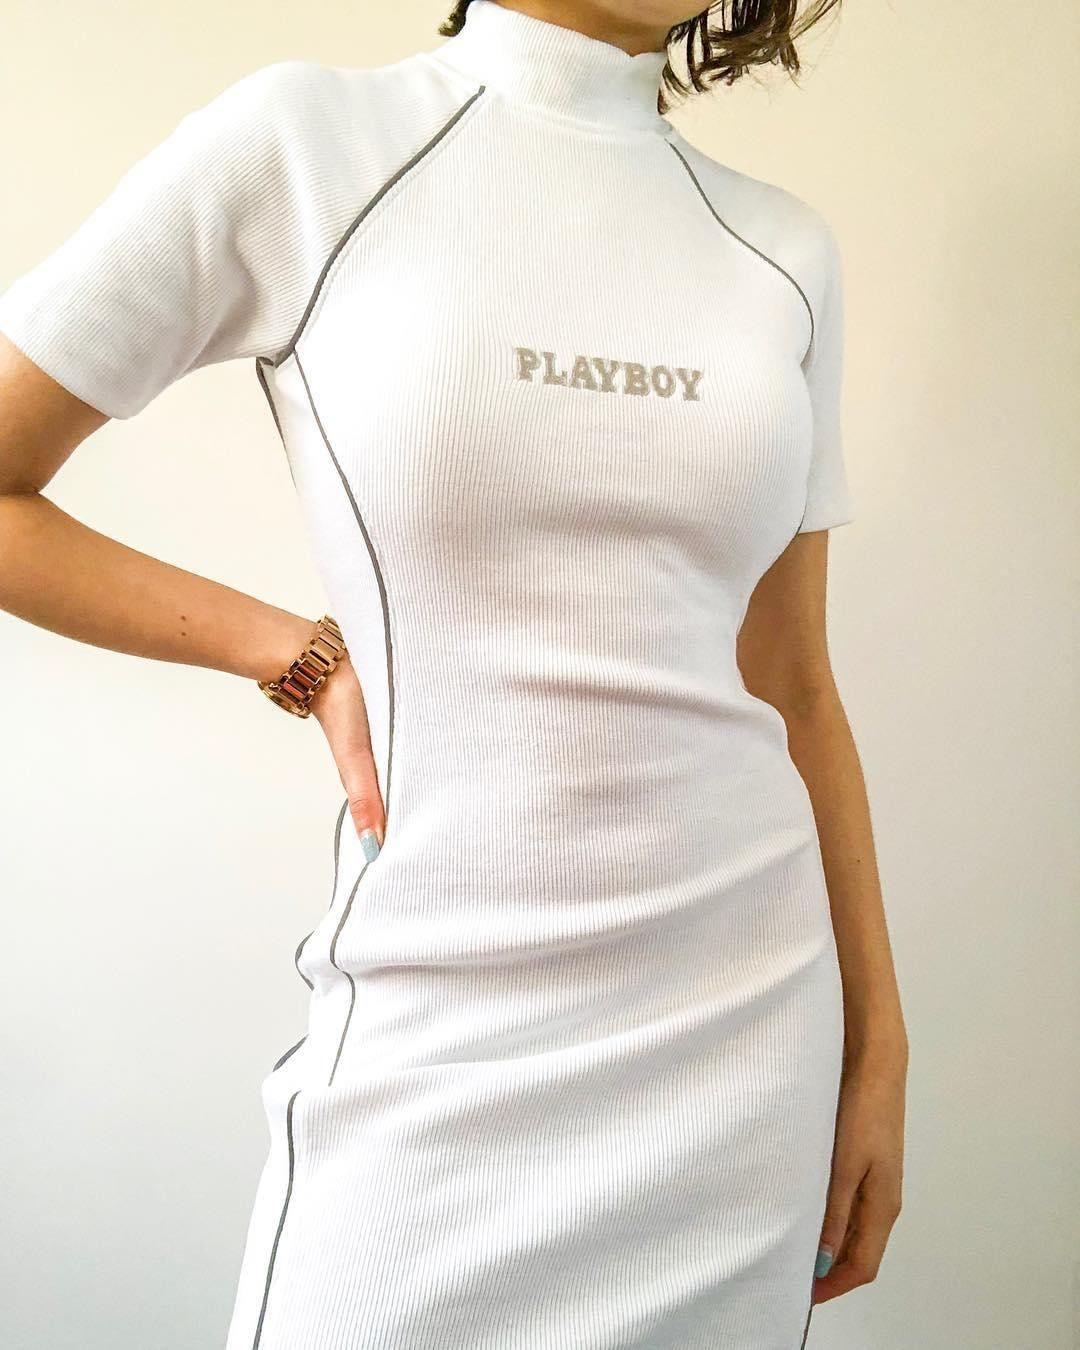 Playboy Kläder